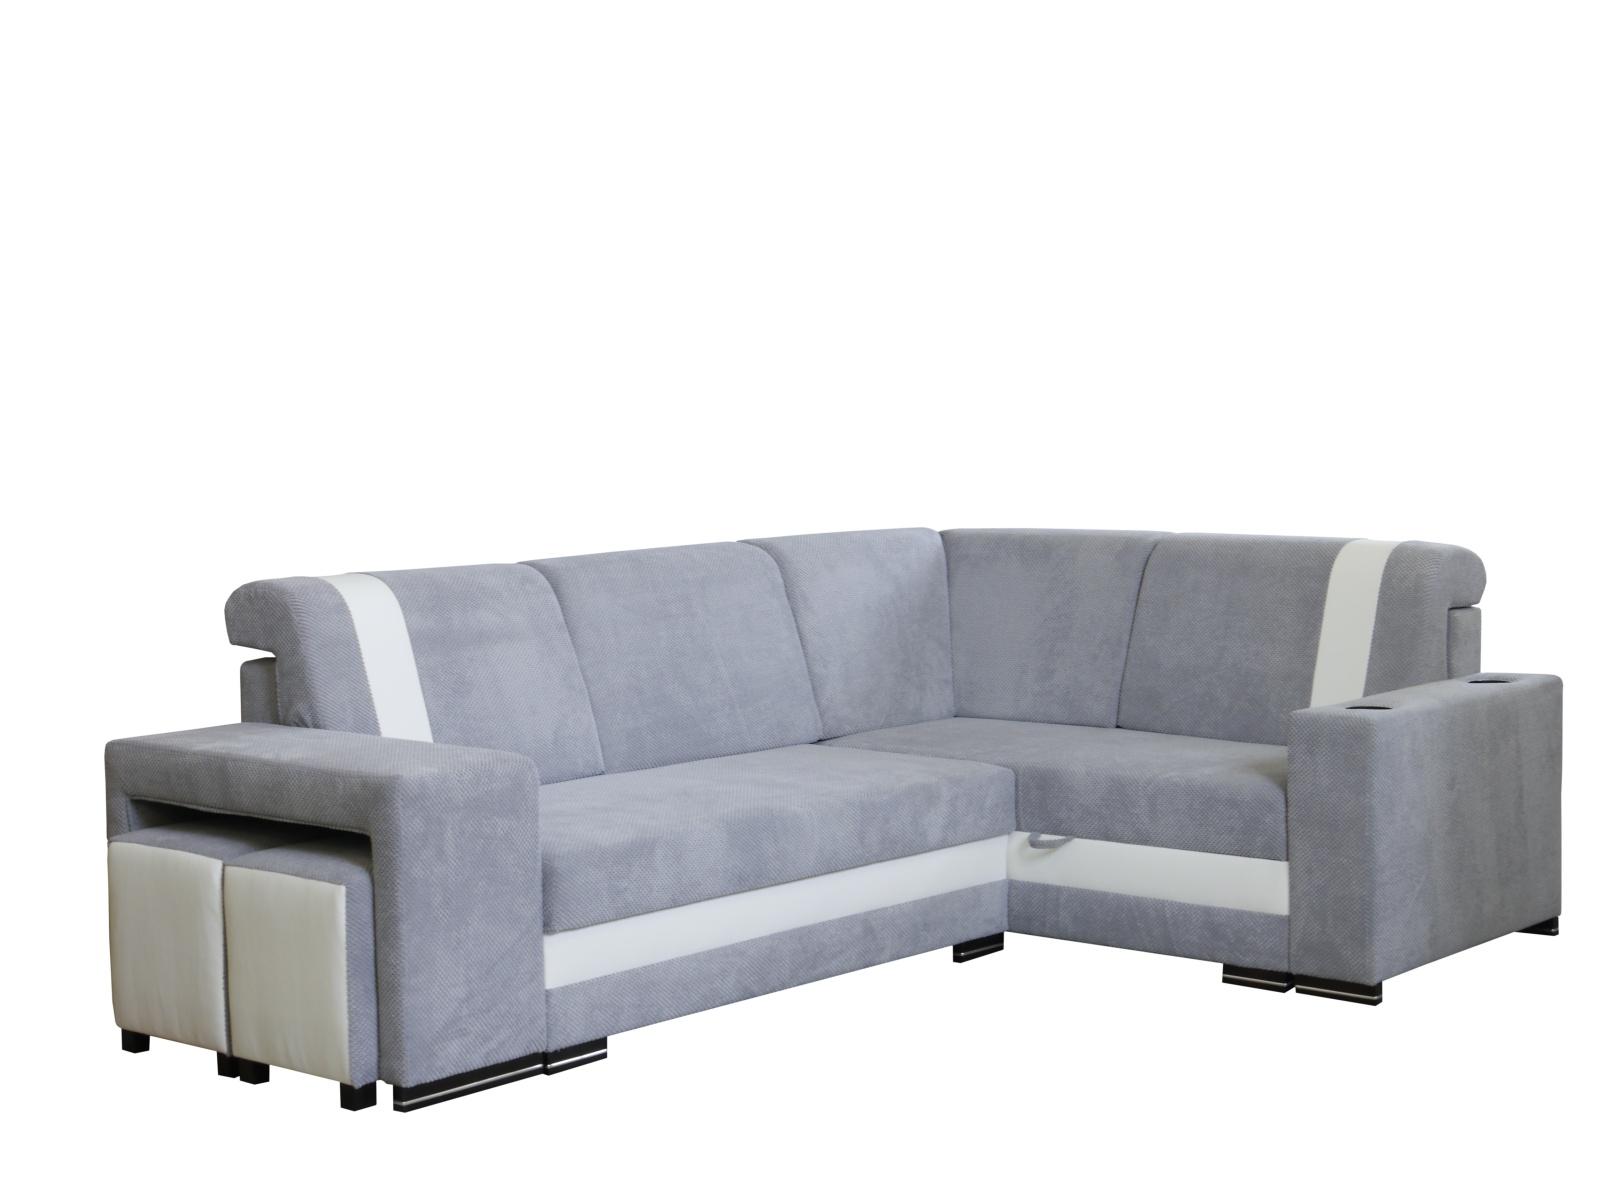 Smartshop Rohová sedačka INES NEW 3, pravá, šedá/bílá